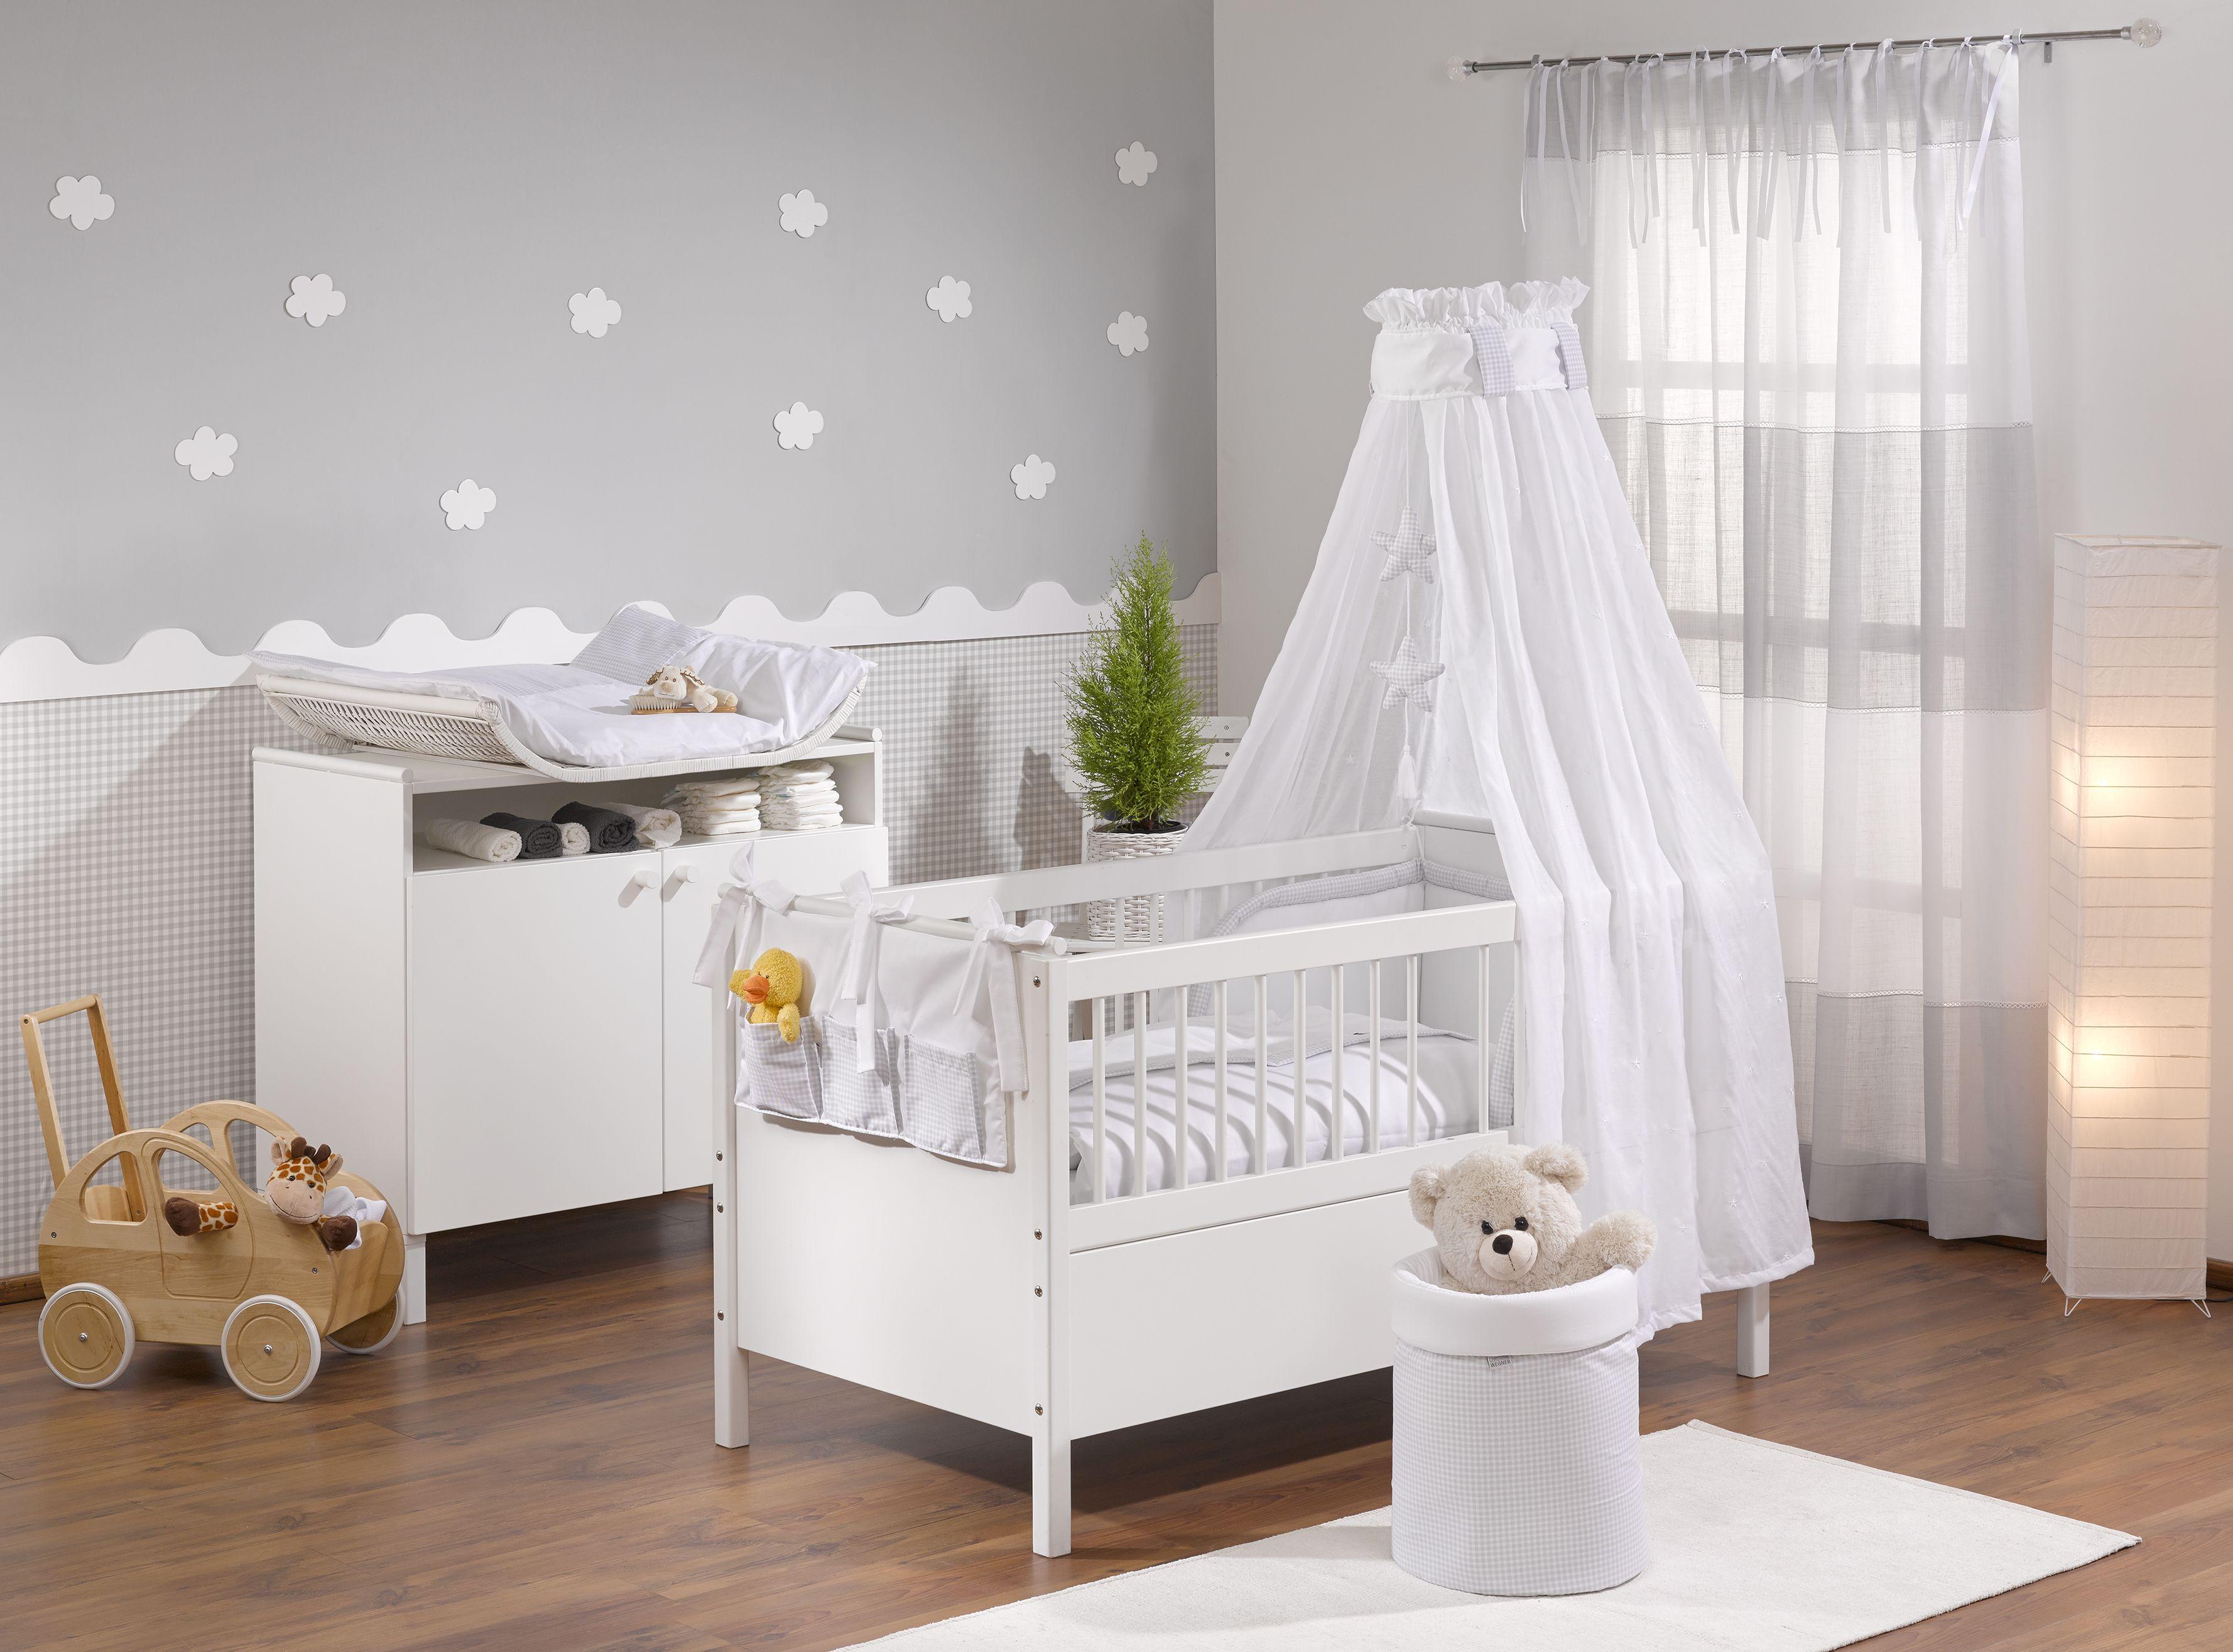 Babyzimmer junge grau  babyzimmer grau - Google-Suche | Babyzimmer Wände | Pinterest ...